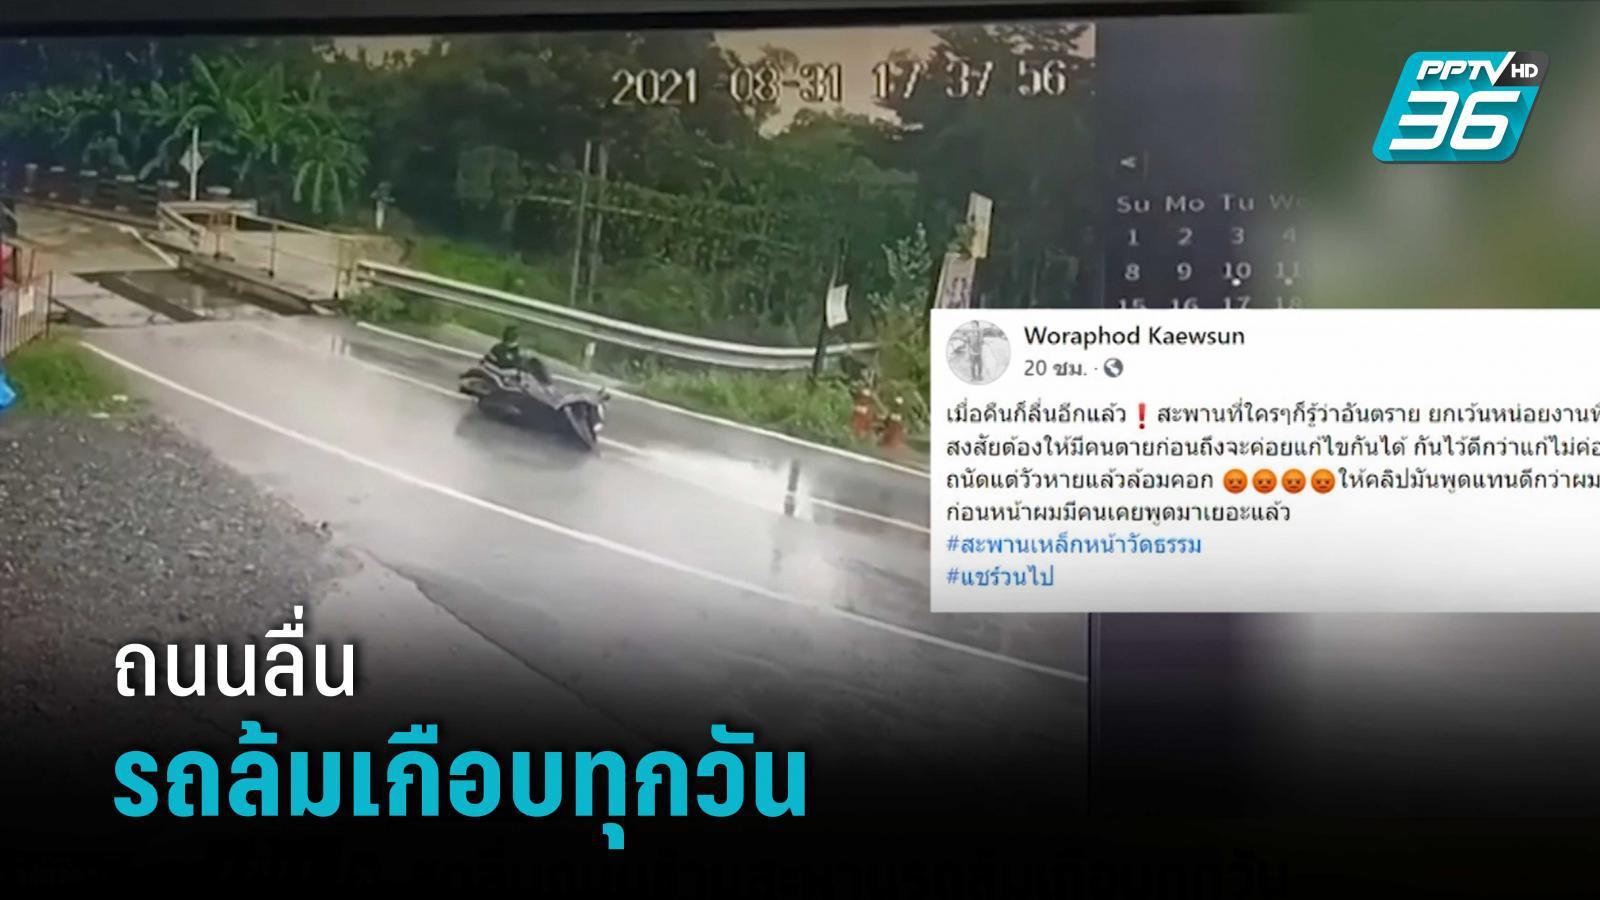 สุดลื่นถนนข้ามสะพานรถล้มเกือบทุกวัน | เข้มข่าวเย็น